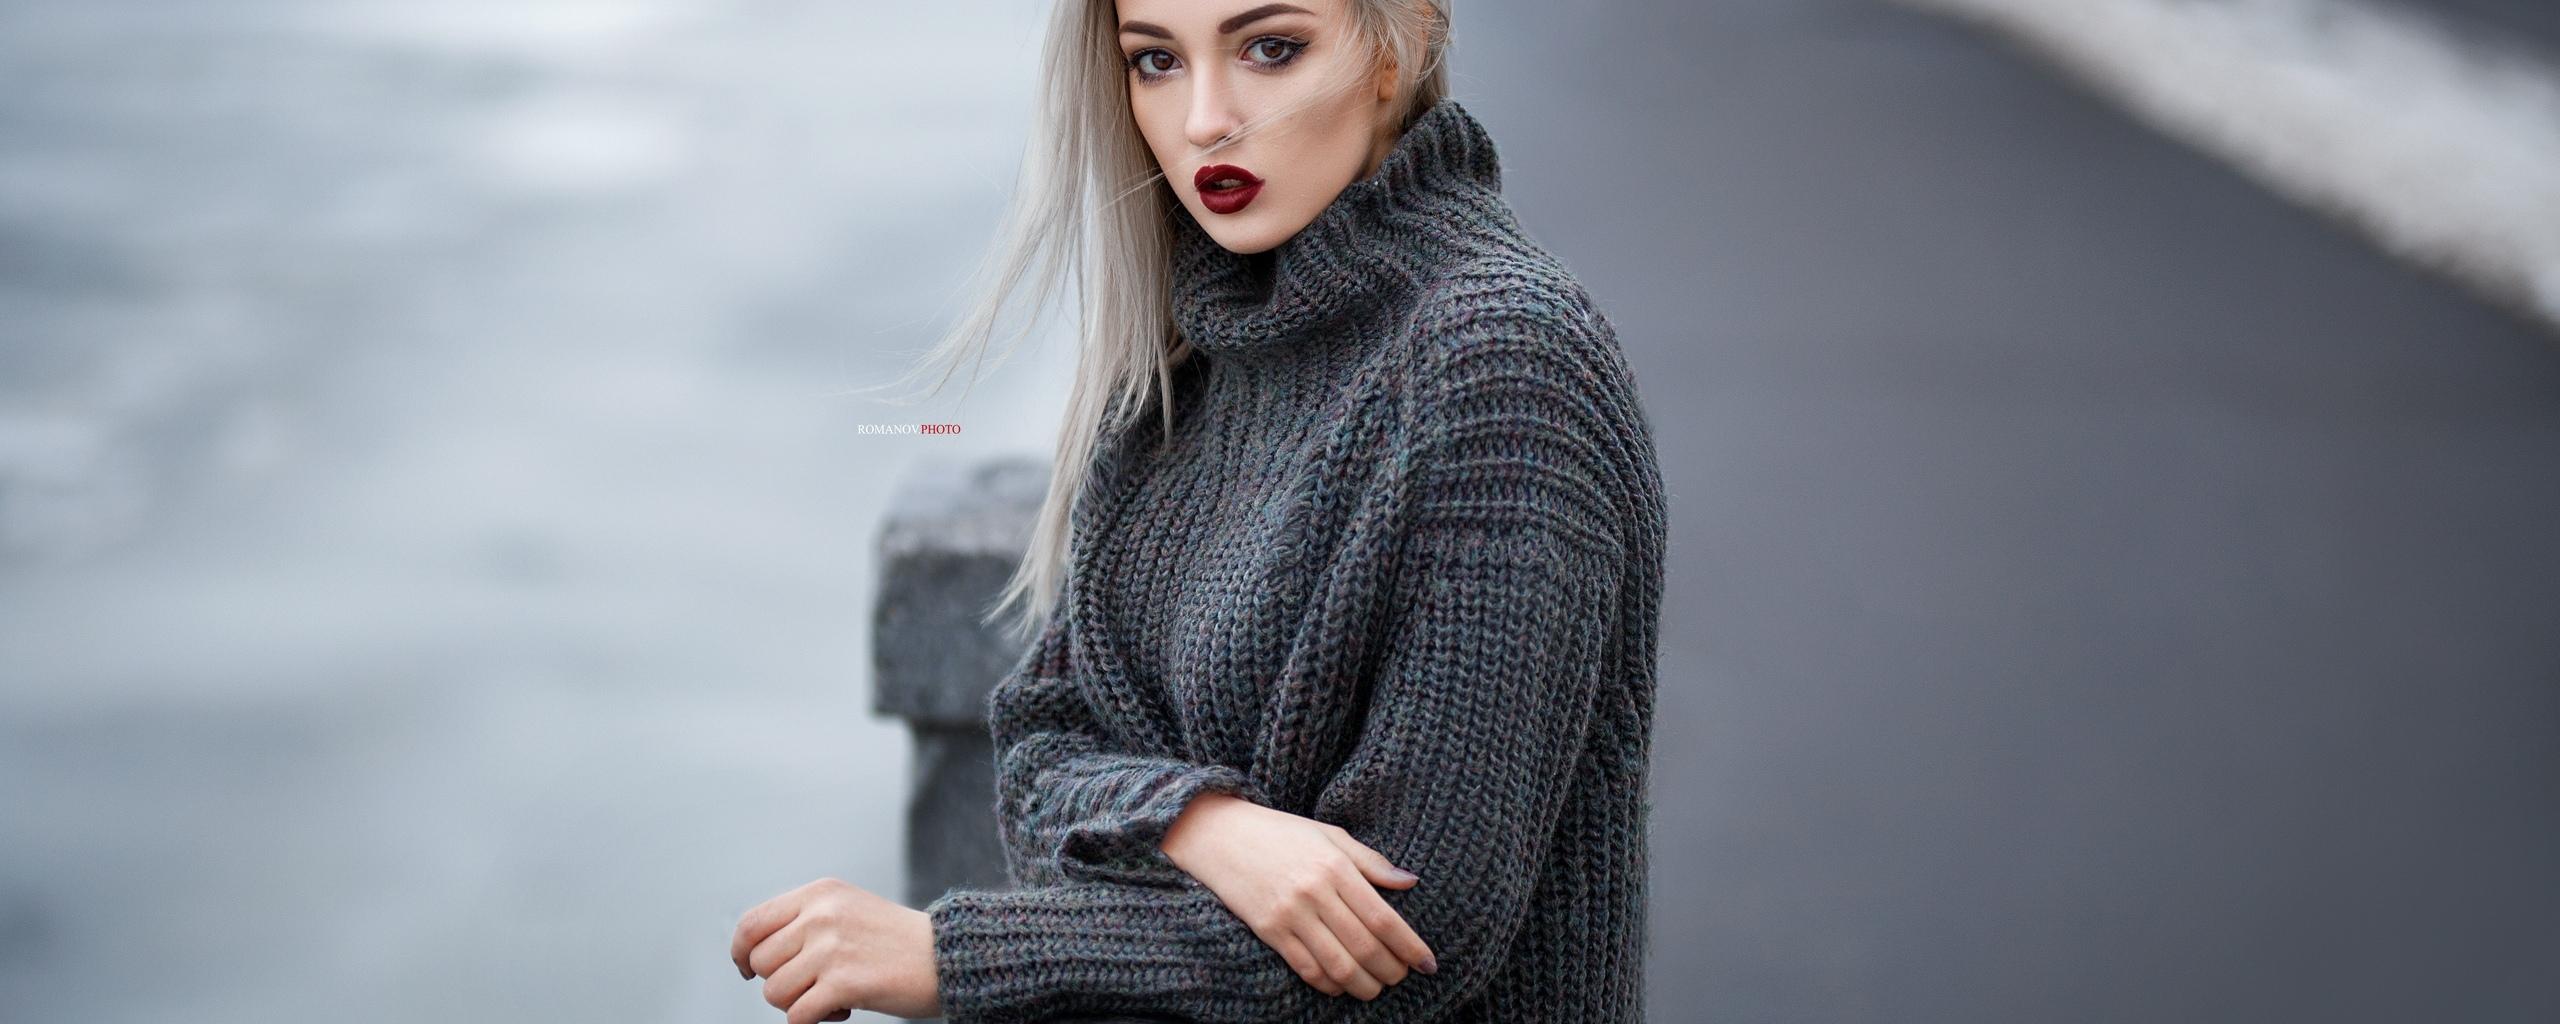 beautiful-girl-hair-in-face-outdoors-kk.jpg